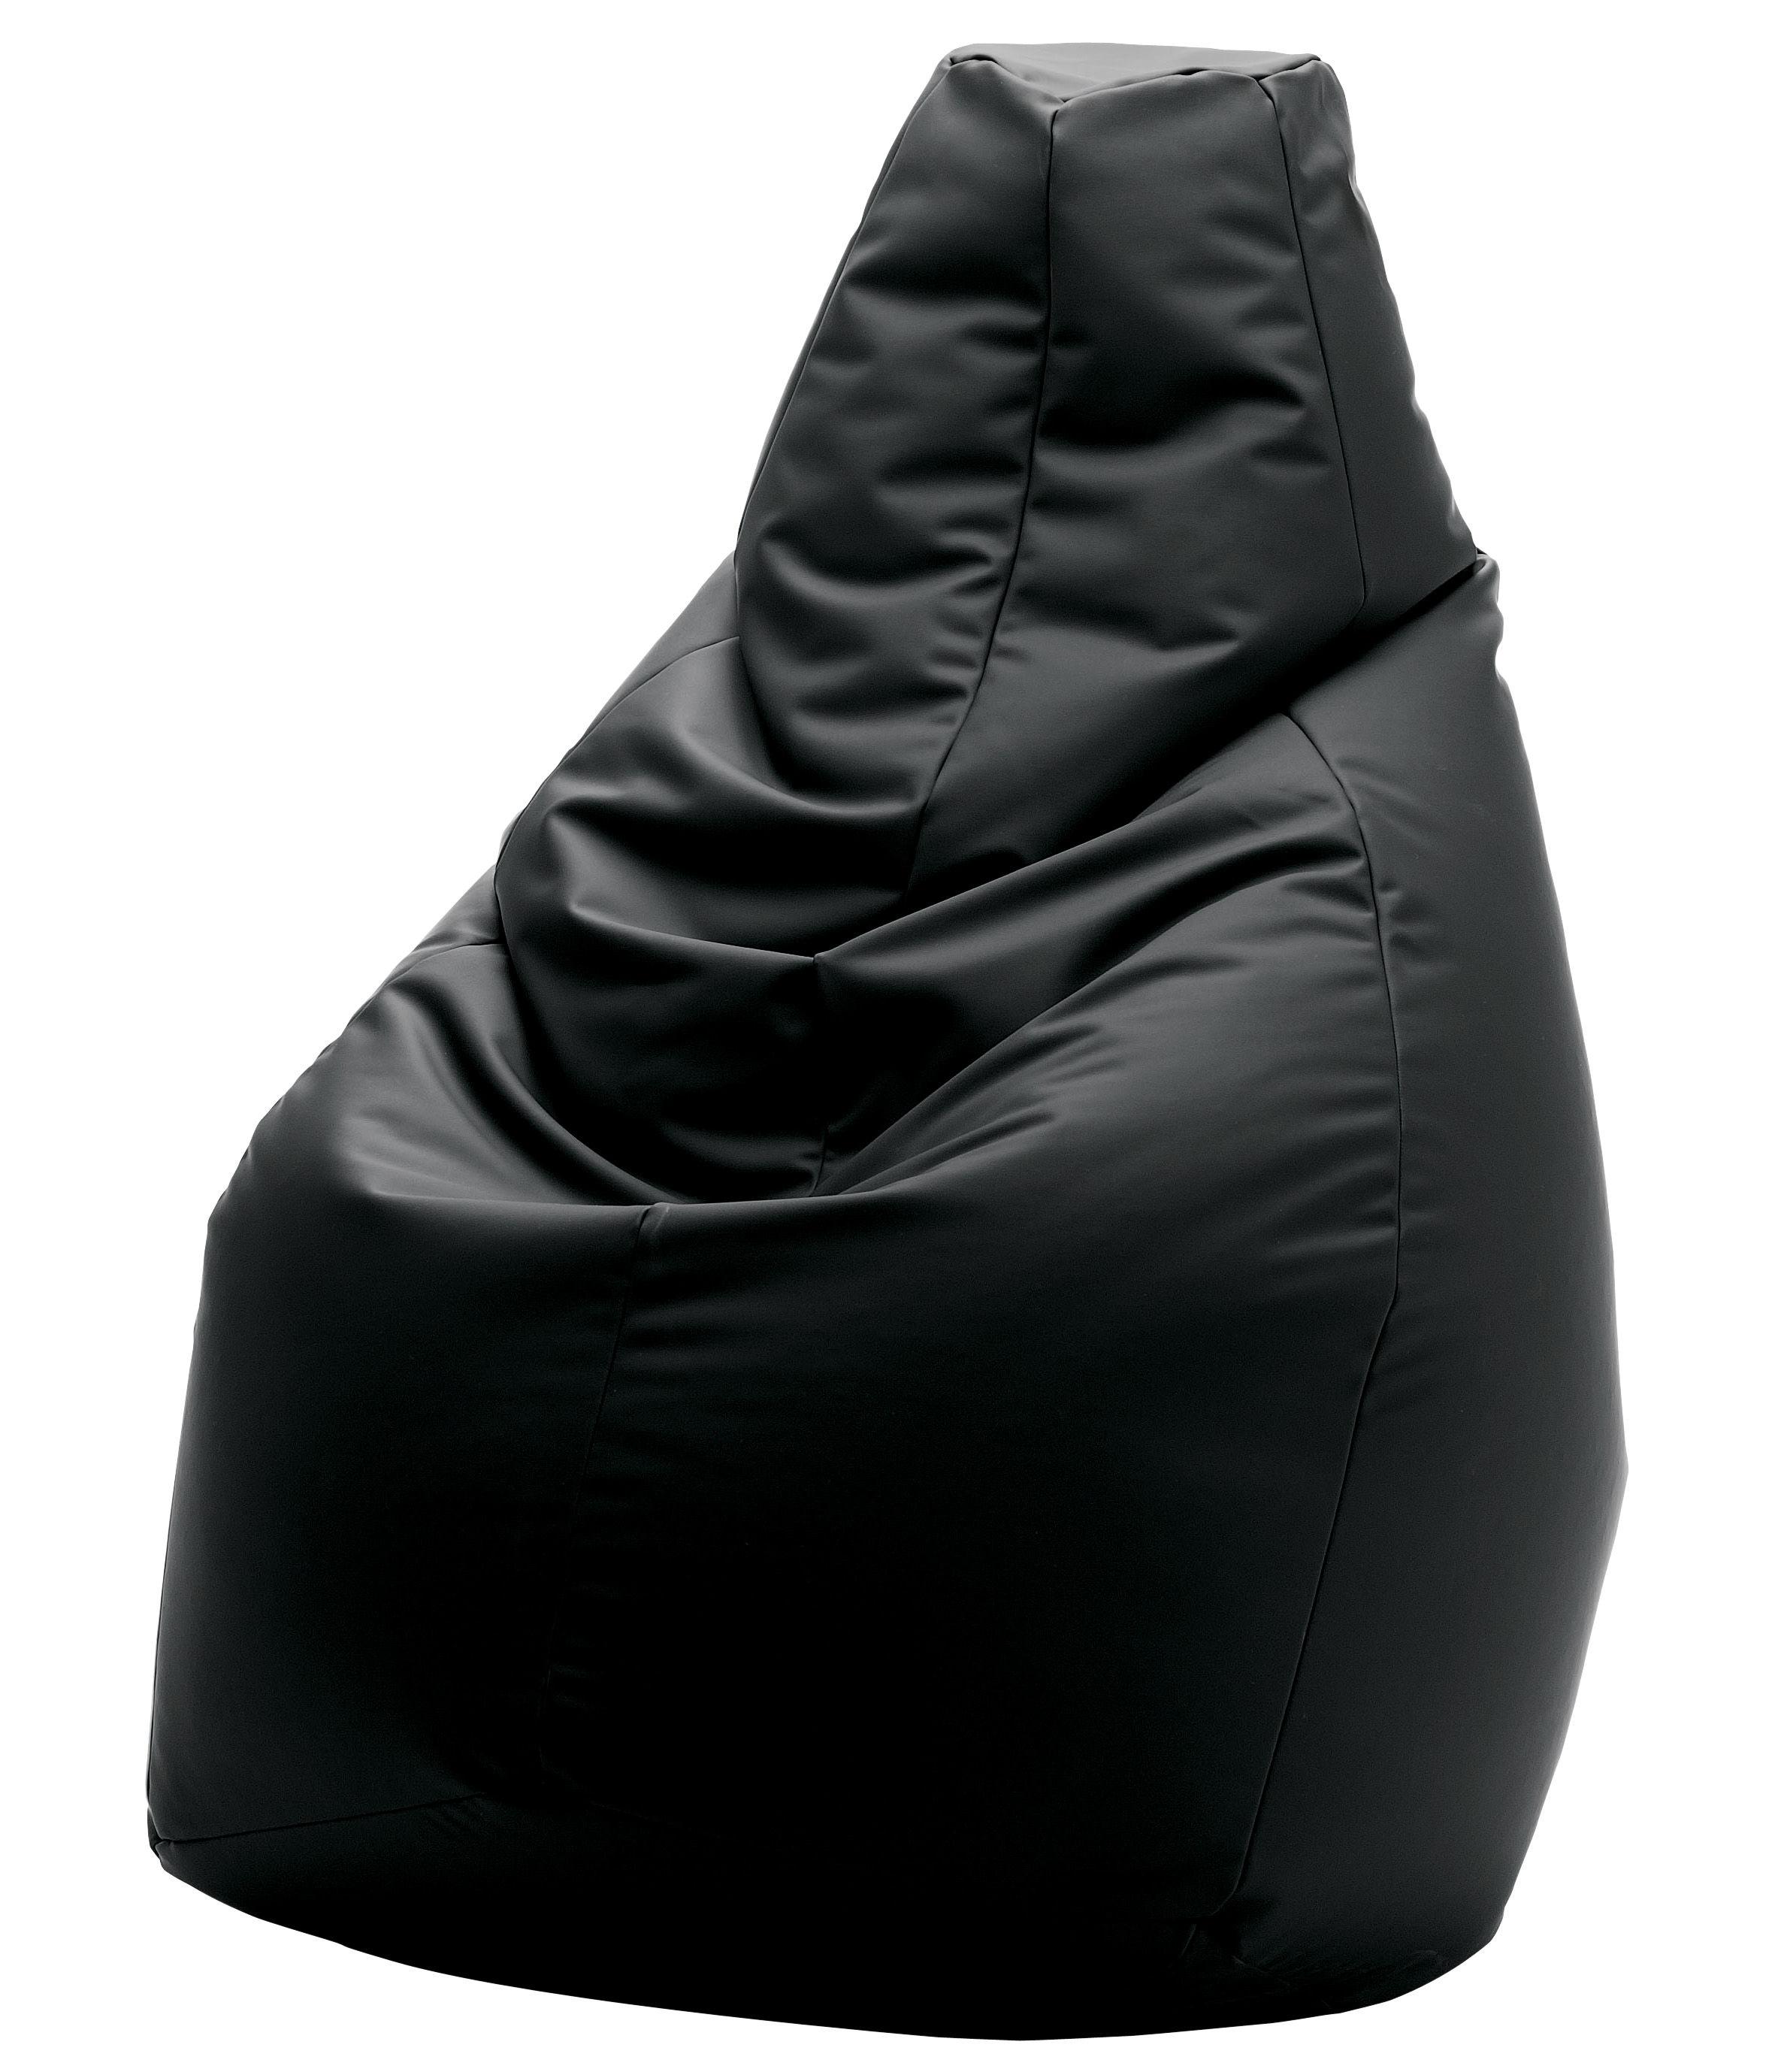 Scopri pouf sacco similcuoio volo nero di zanotta made in design italia - Pouf a sacco ikea ...